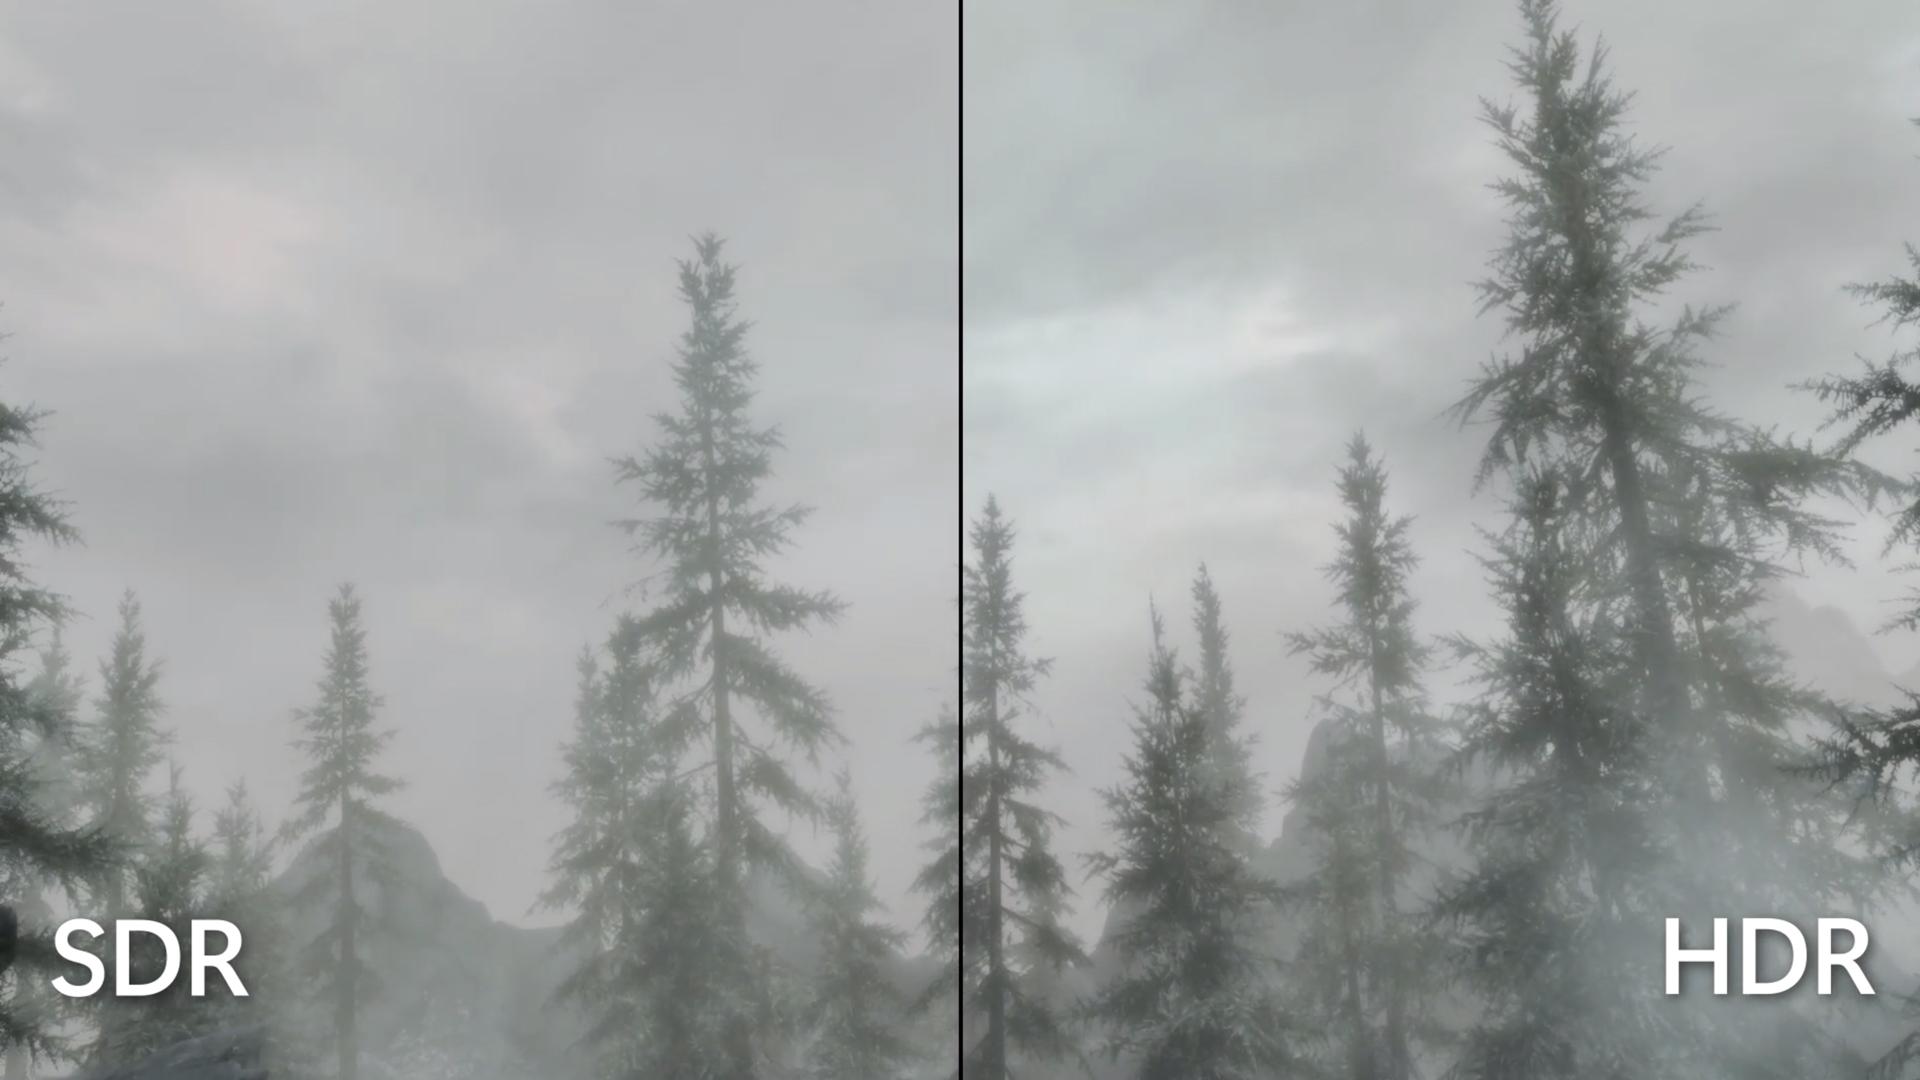 一方の側面がより鮮明な、木のコントラスト比較画像